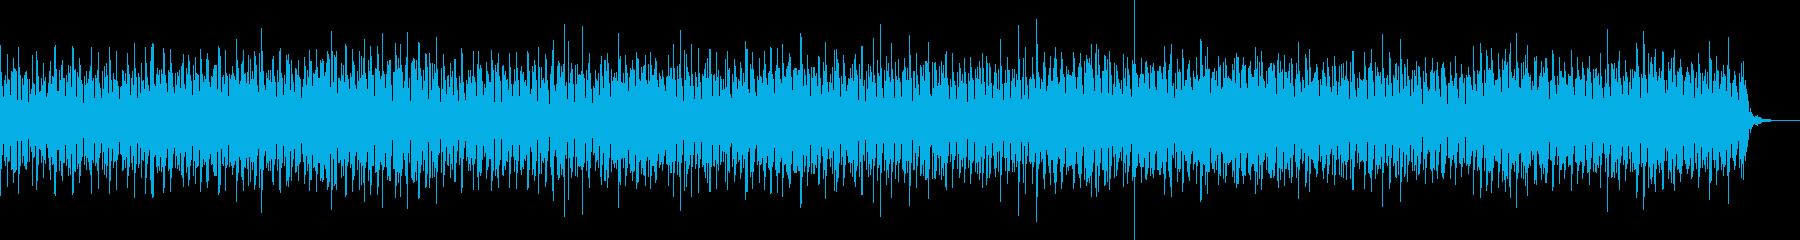 ヘッドラインニュースBGM/シンセ系音色の再生済みの波形